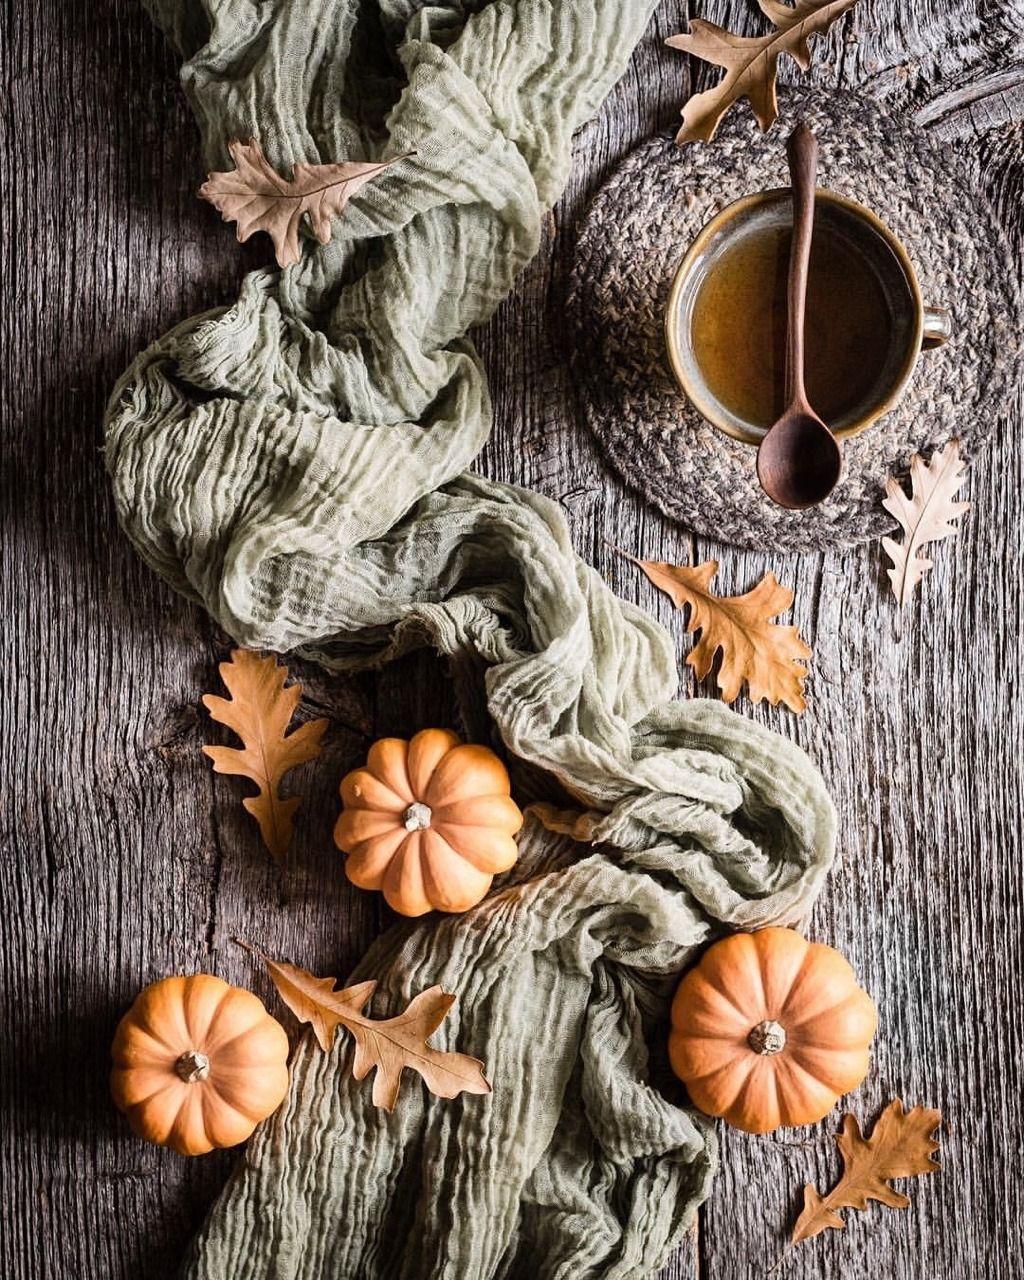 Instagram | keepingwiththetimes - #aesthetic #autumn #leaves #mug #pumpkins #tea